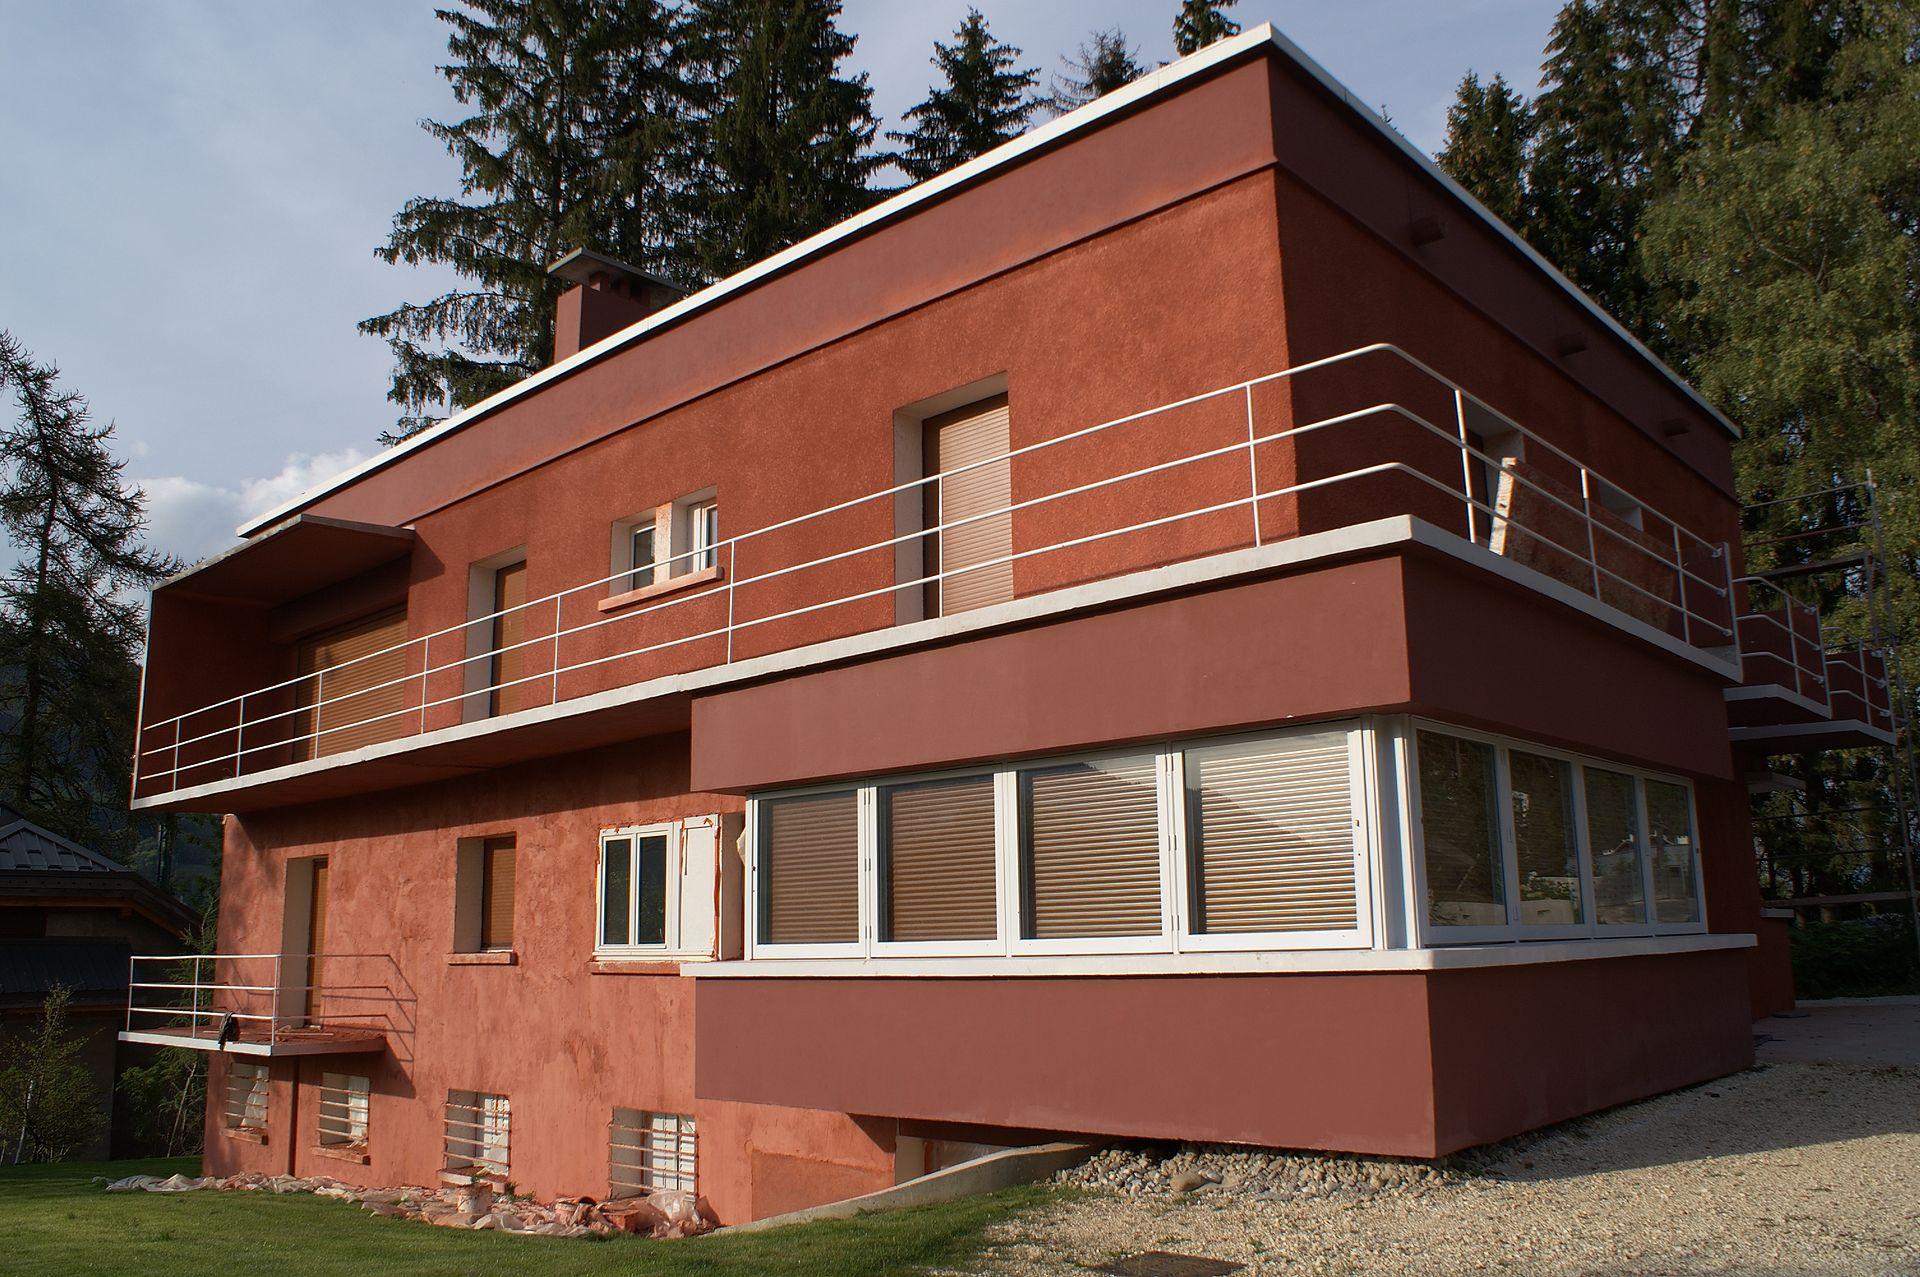 maison de henry jacques le m234me � wikip233dia